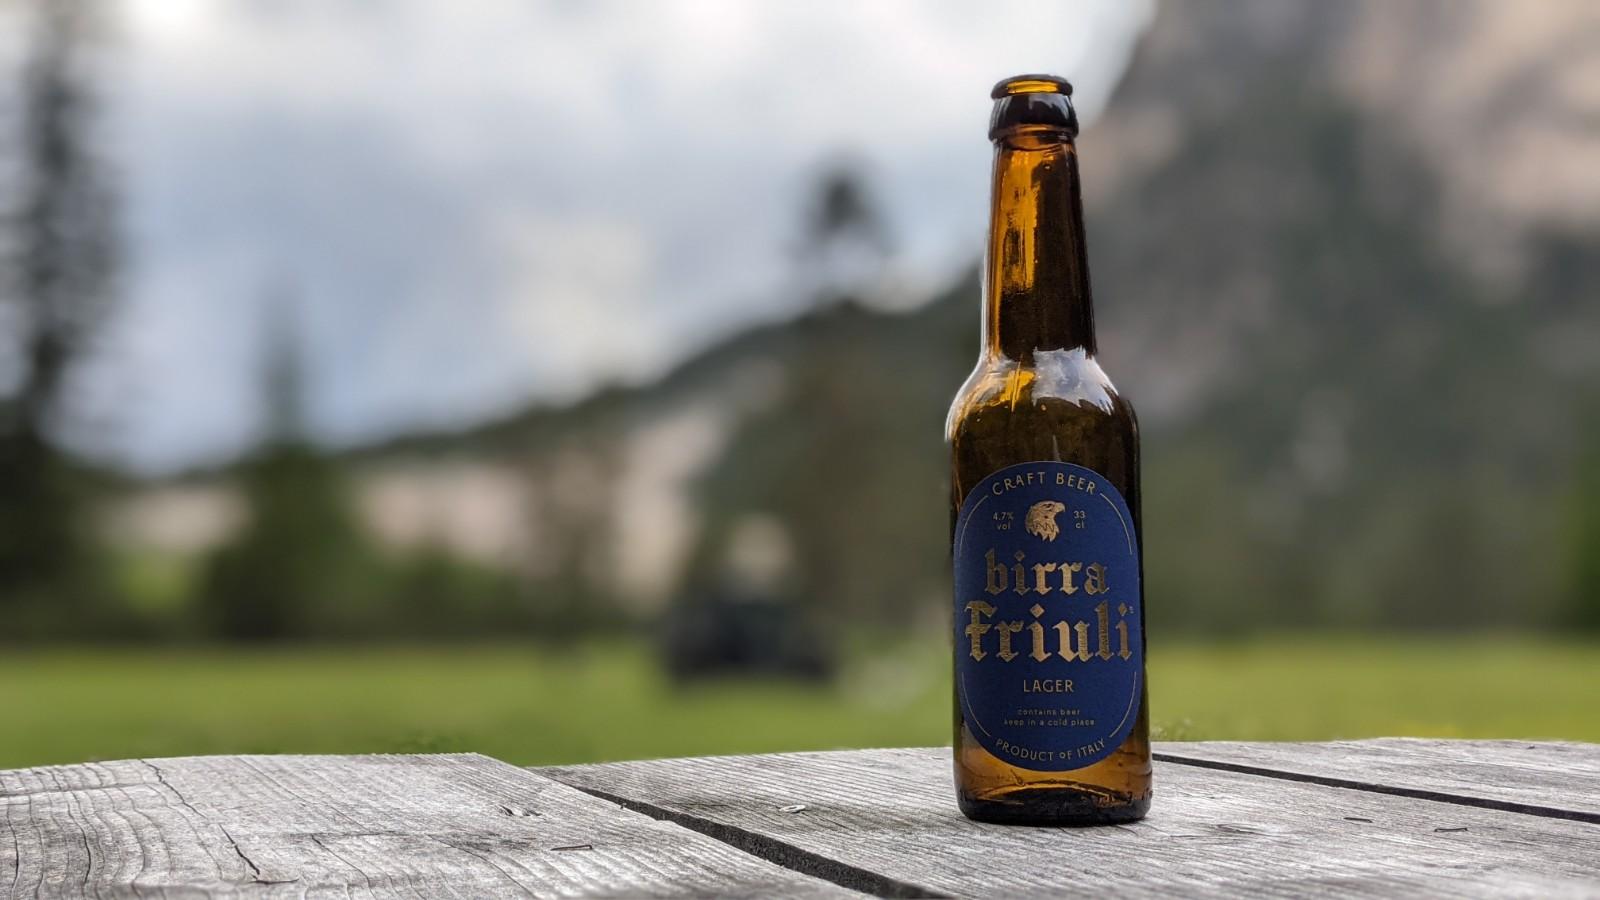 Birra Friuli alla conquista degli USA: facciamo il punto con Alex Corazza